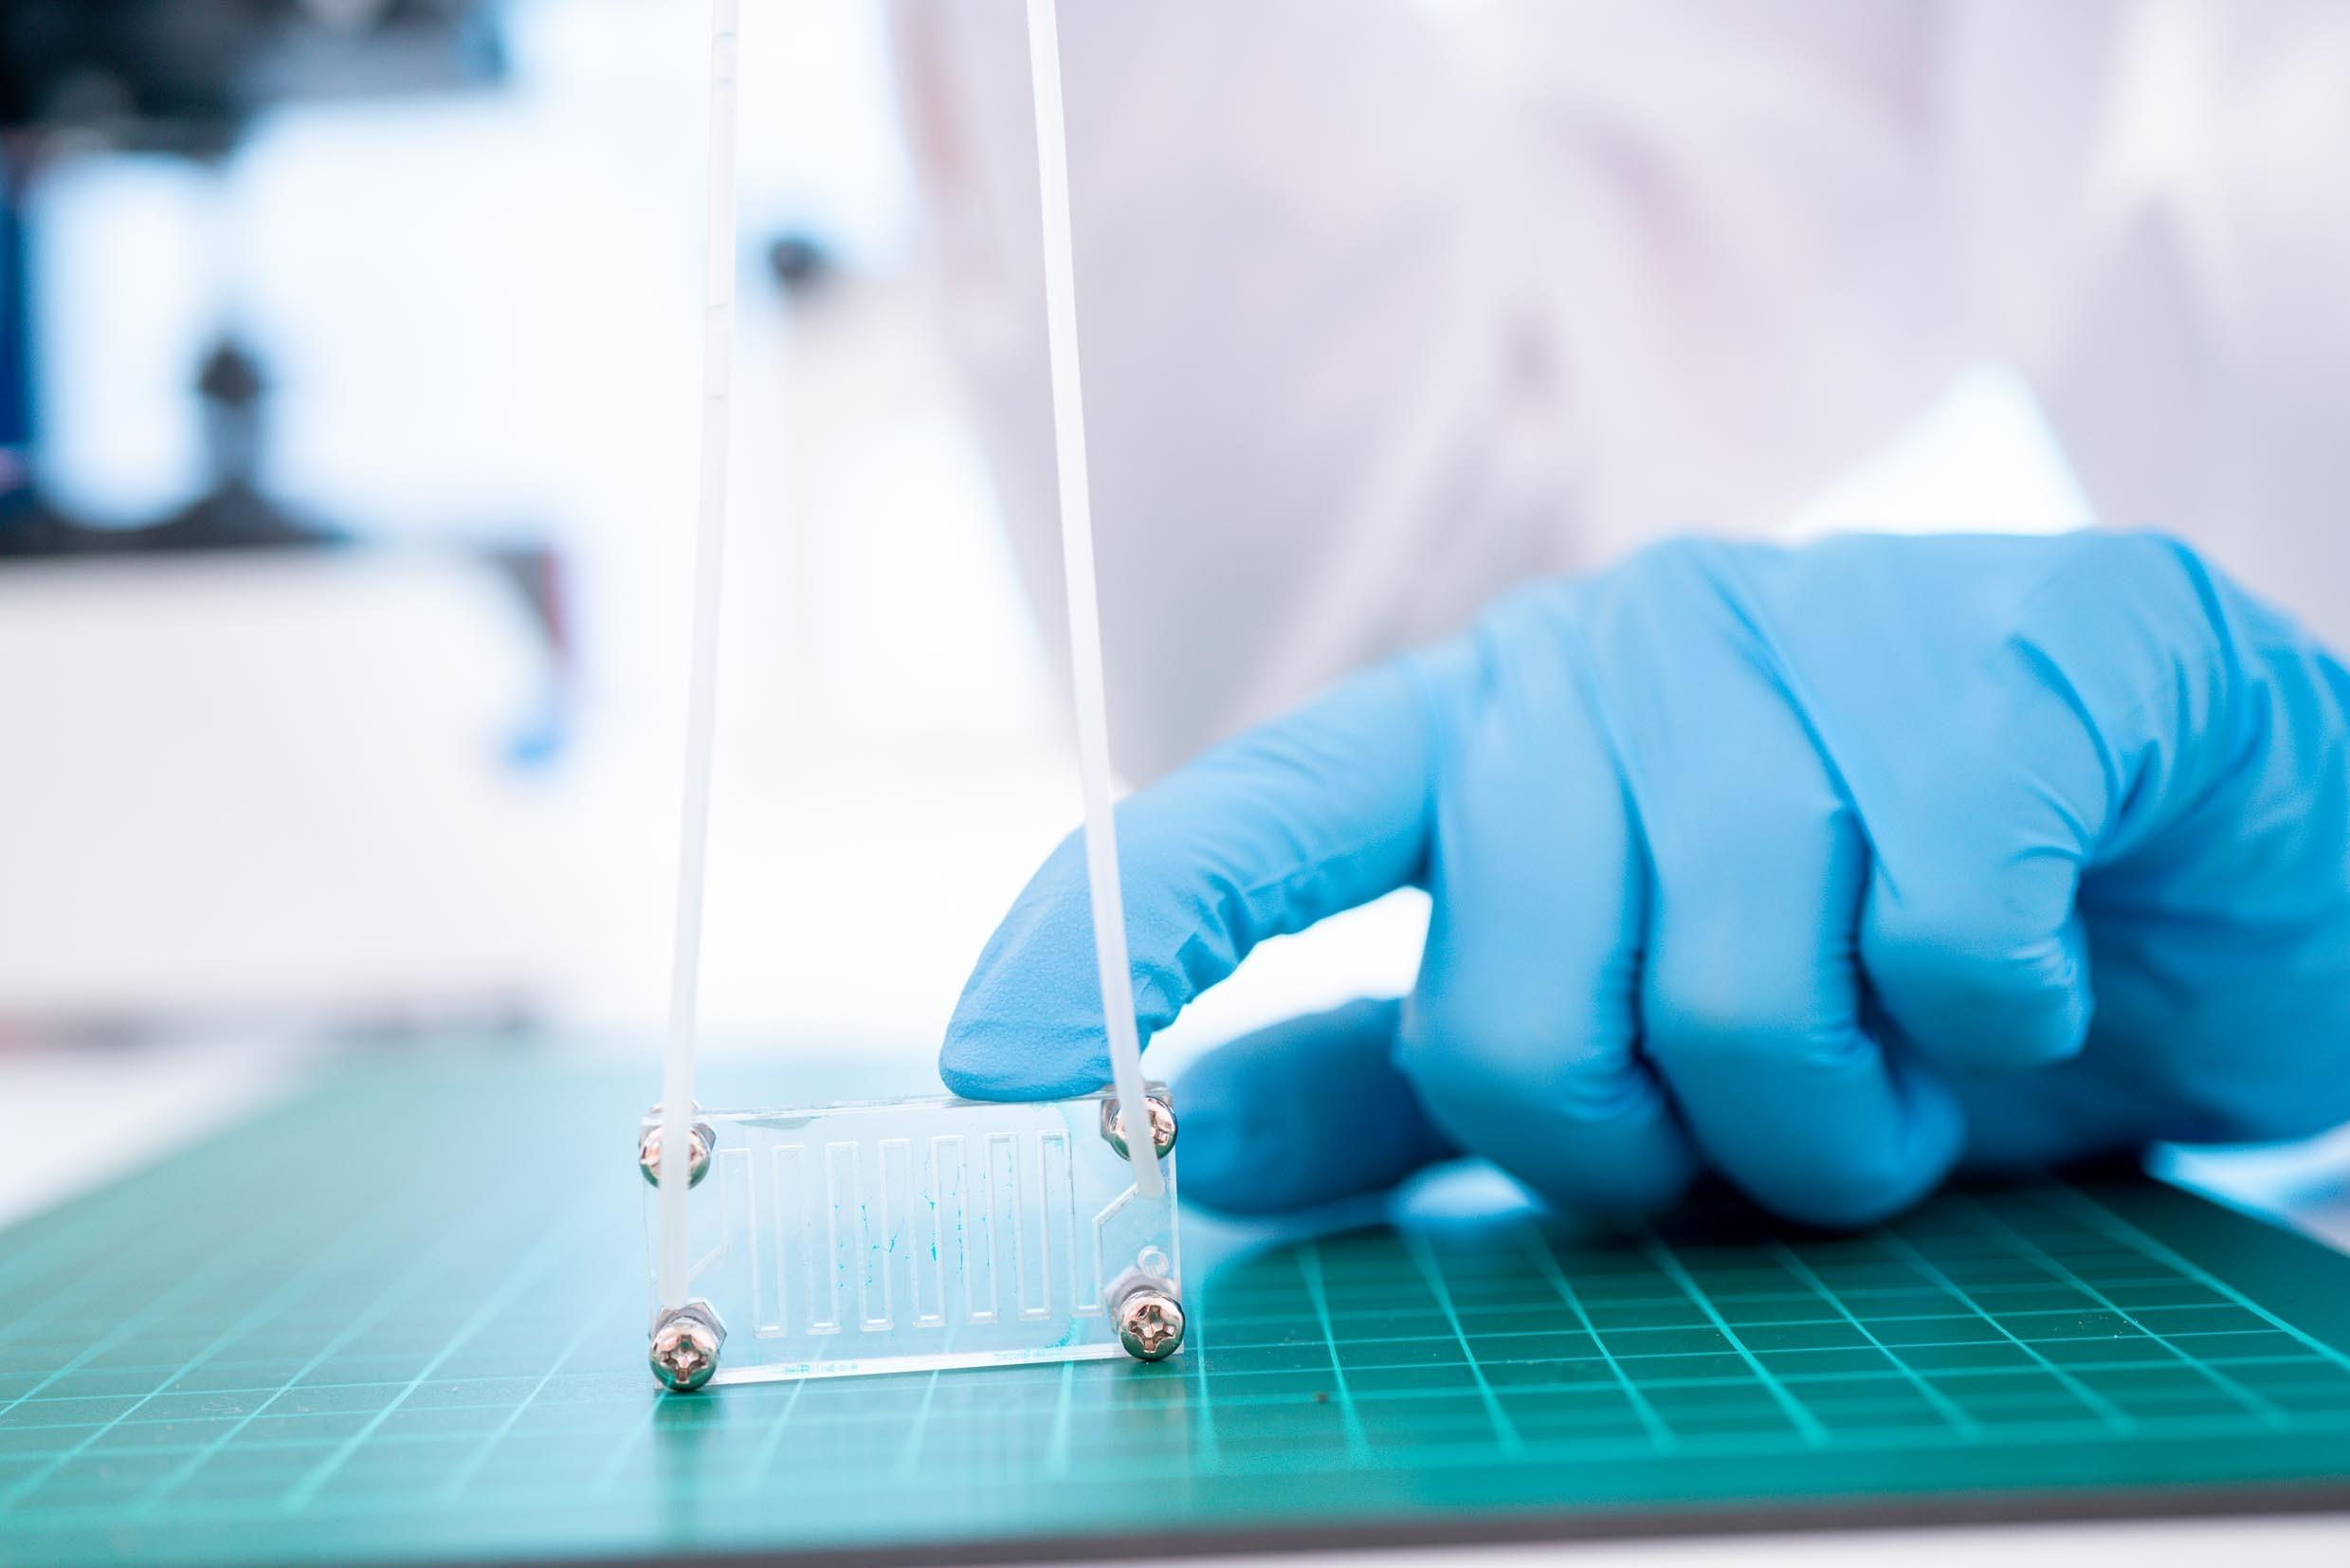 AI and microfluidics